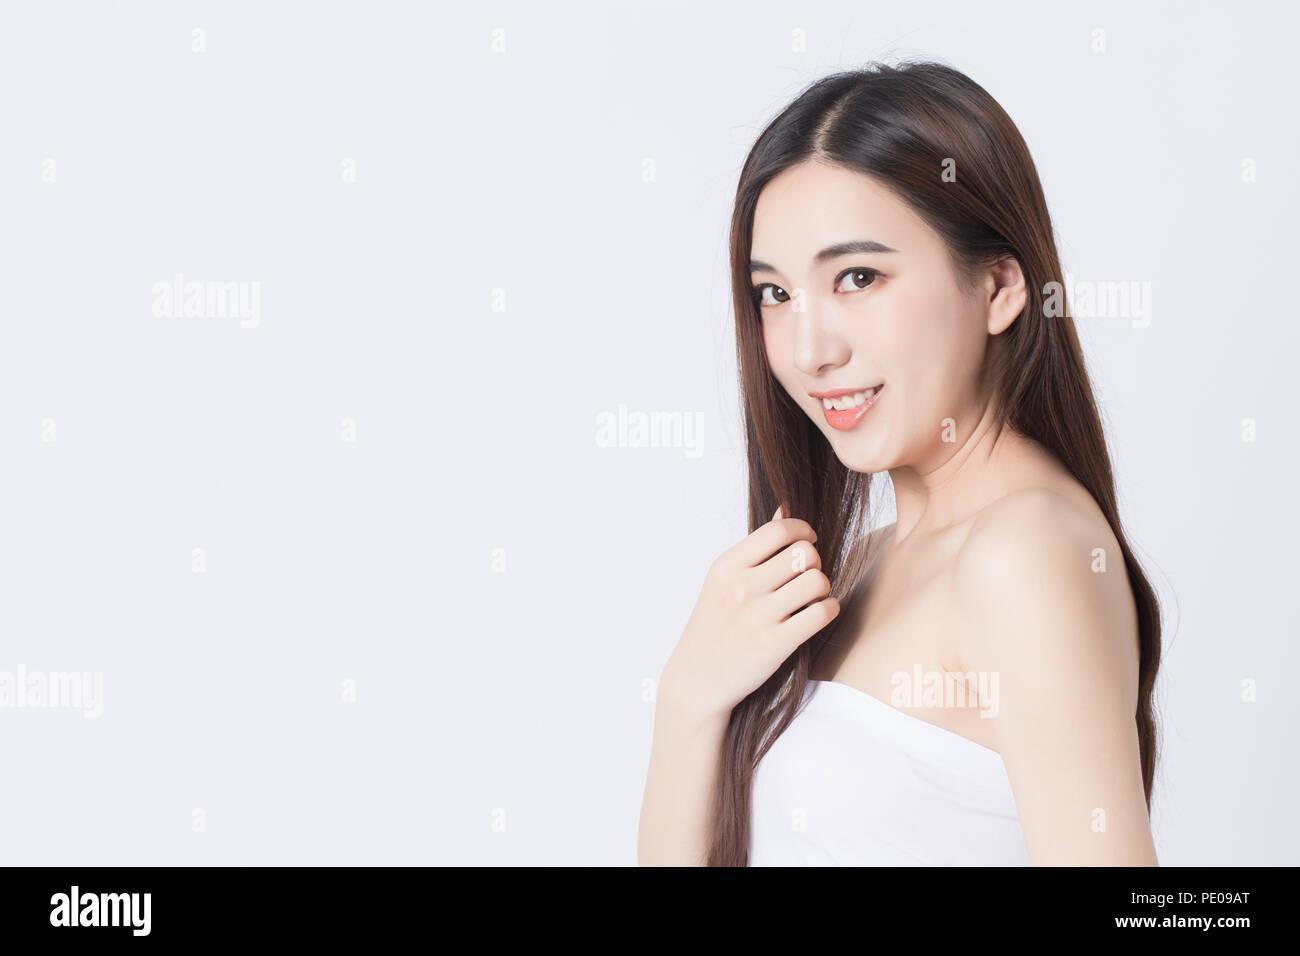 Porträt von schönen weiblichen Modell auf weißem Hintergrund Stockbild